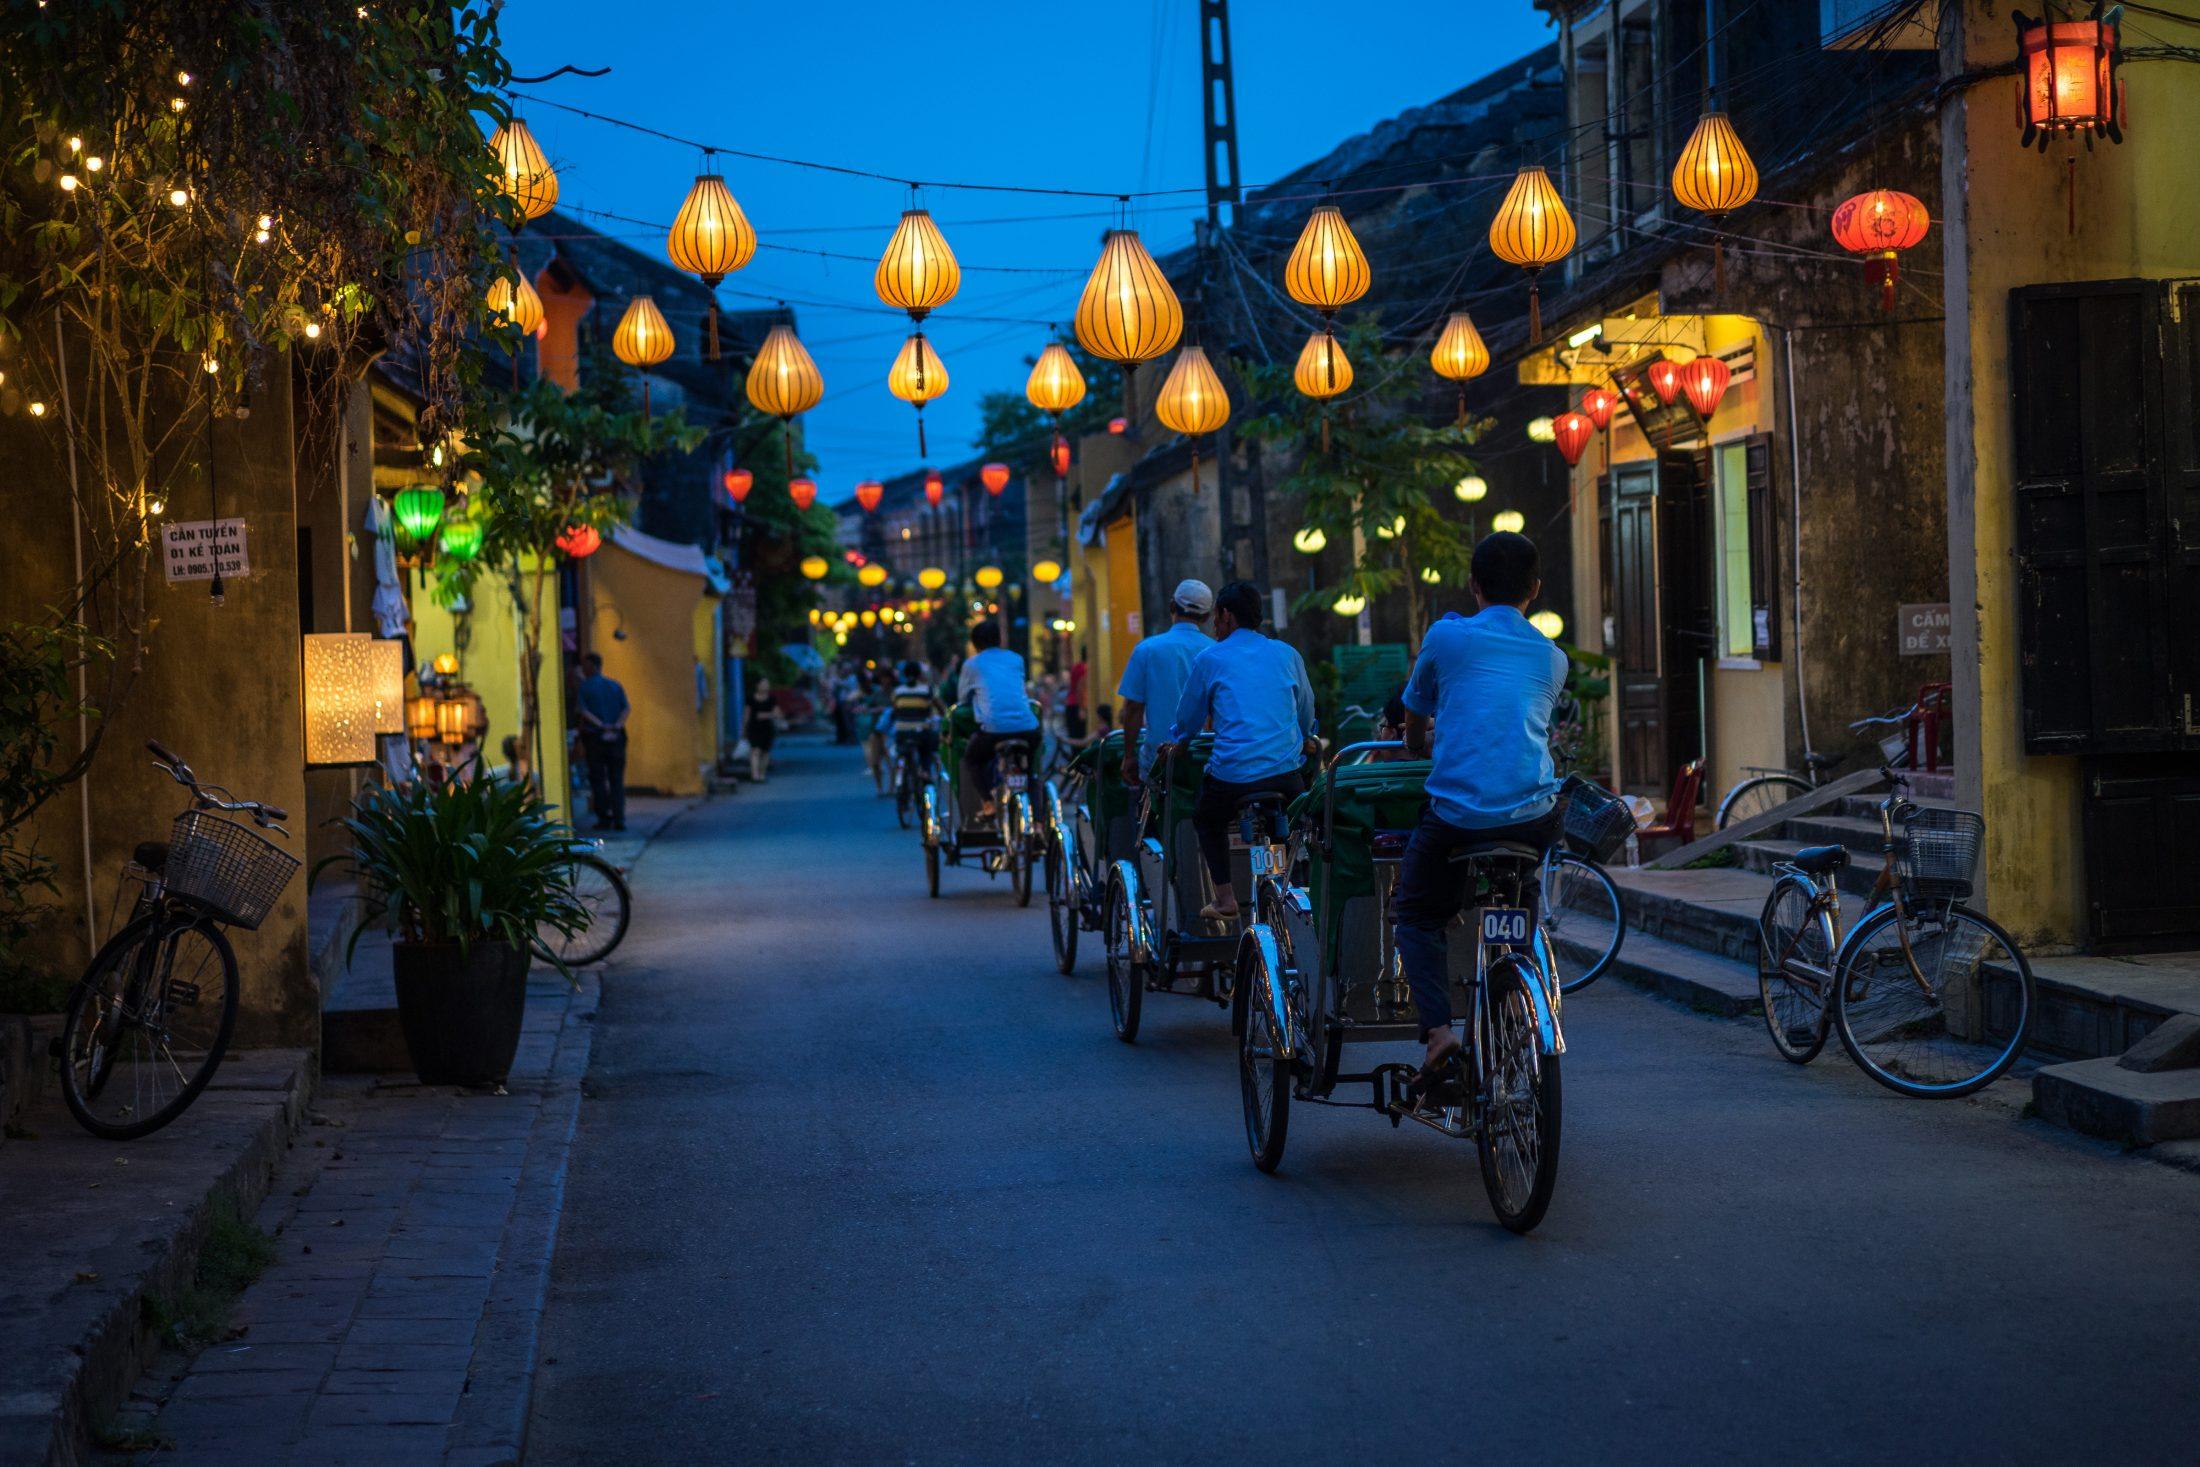 Street food etikett? Így együnk az utcán Ázsiában - Dining Guide